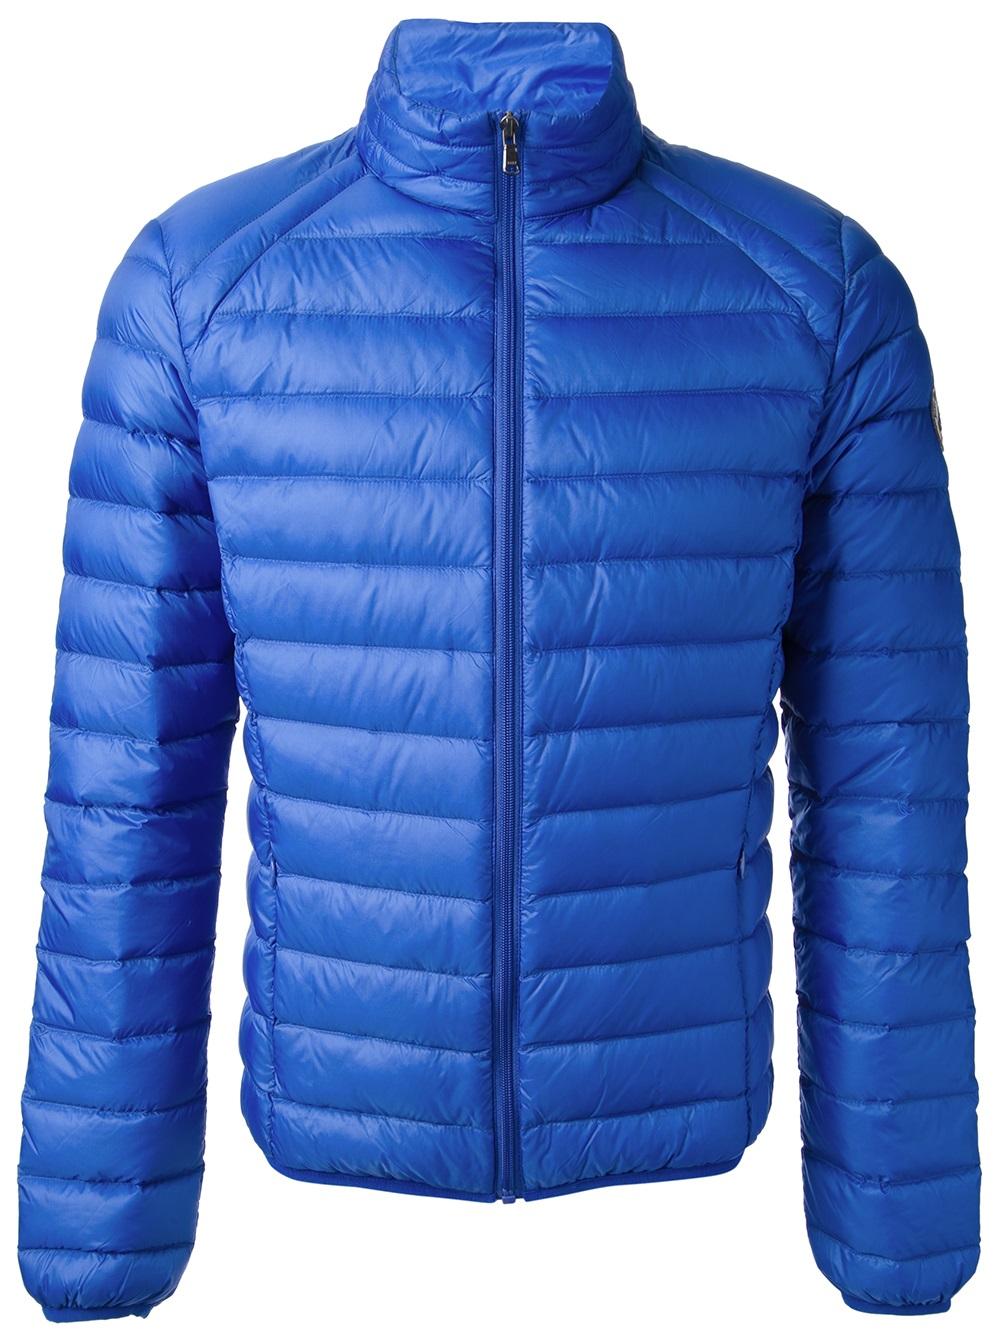 J.o.t.t Jott Padded Jacket in Blue for Men